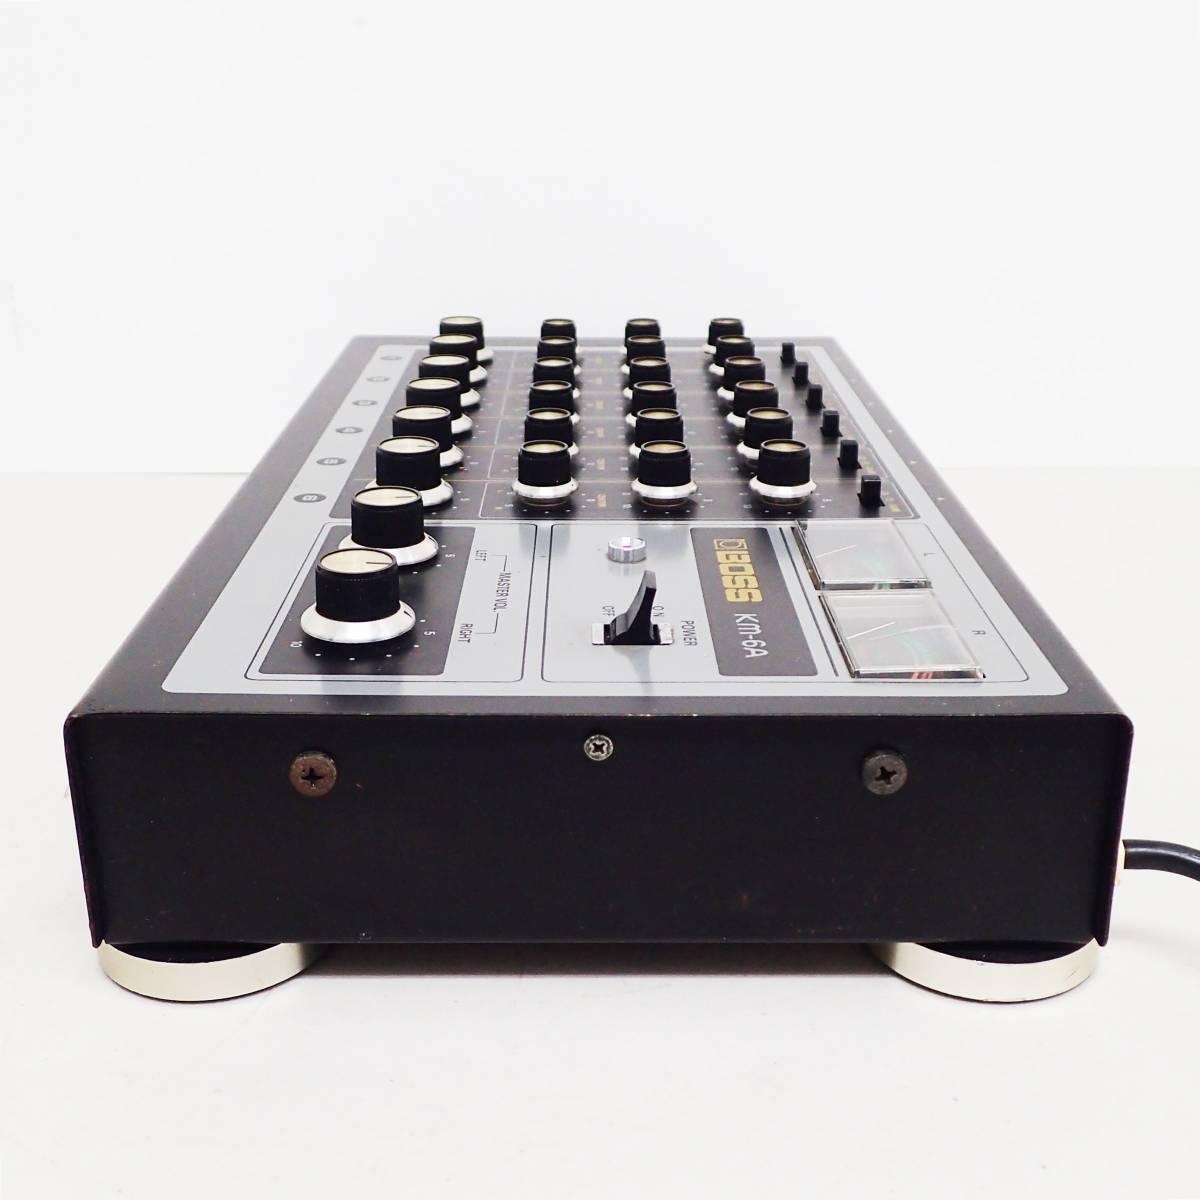 BOSS mixer KM-6A アナログ ミキサー Roland ローランド 通電確認済み  B01_画像6